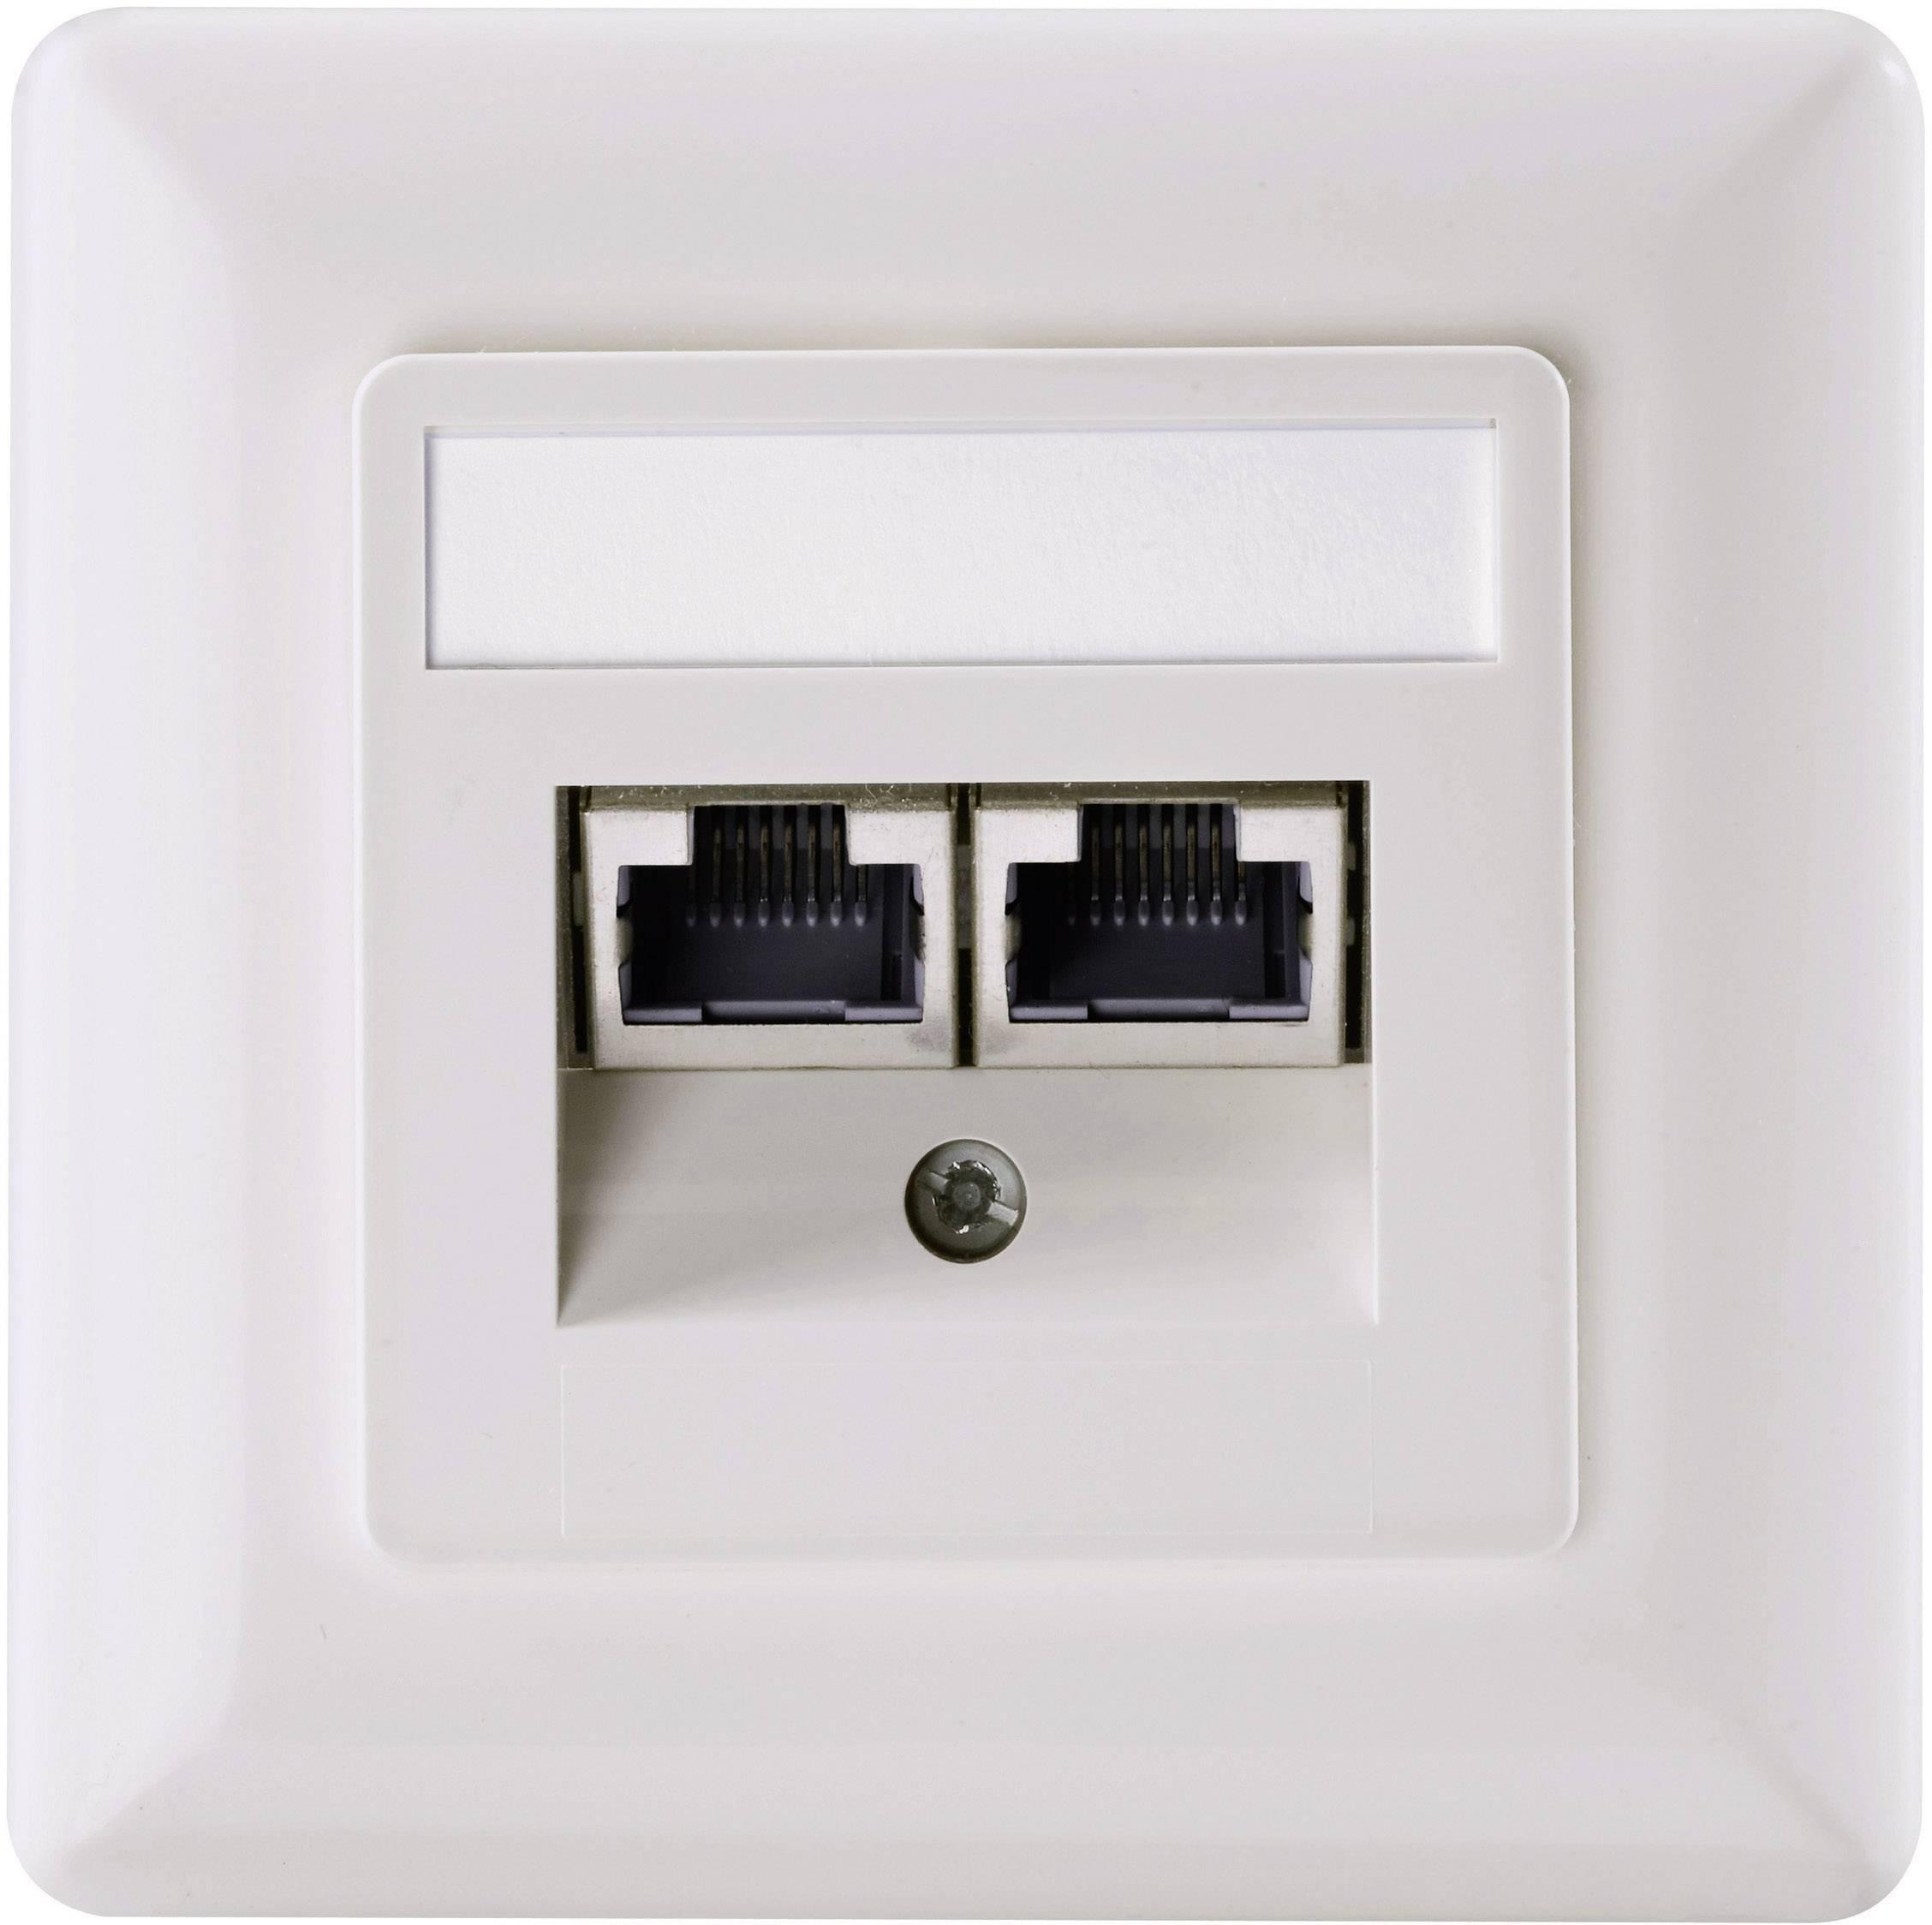 Sieťová zásuvka pod omietku Setec 501286, CAT 5e, s 2 portmi, perlovo biela